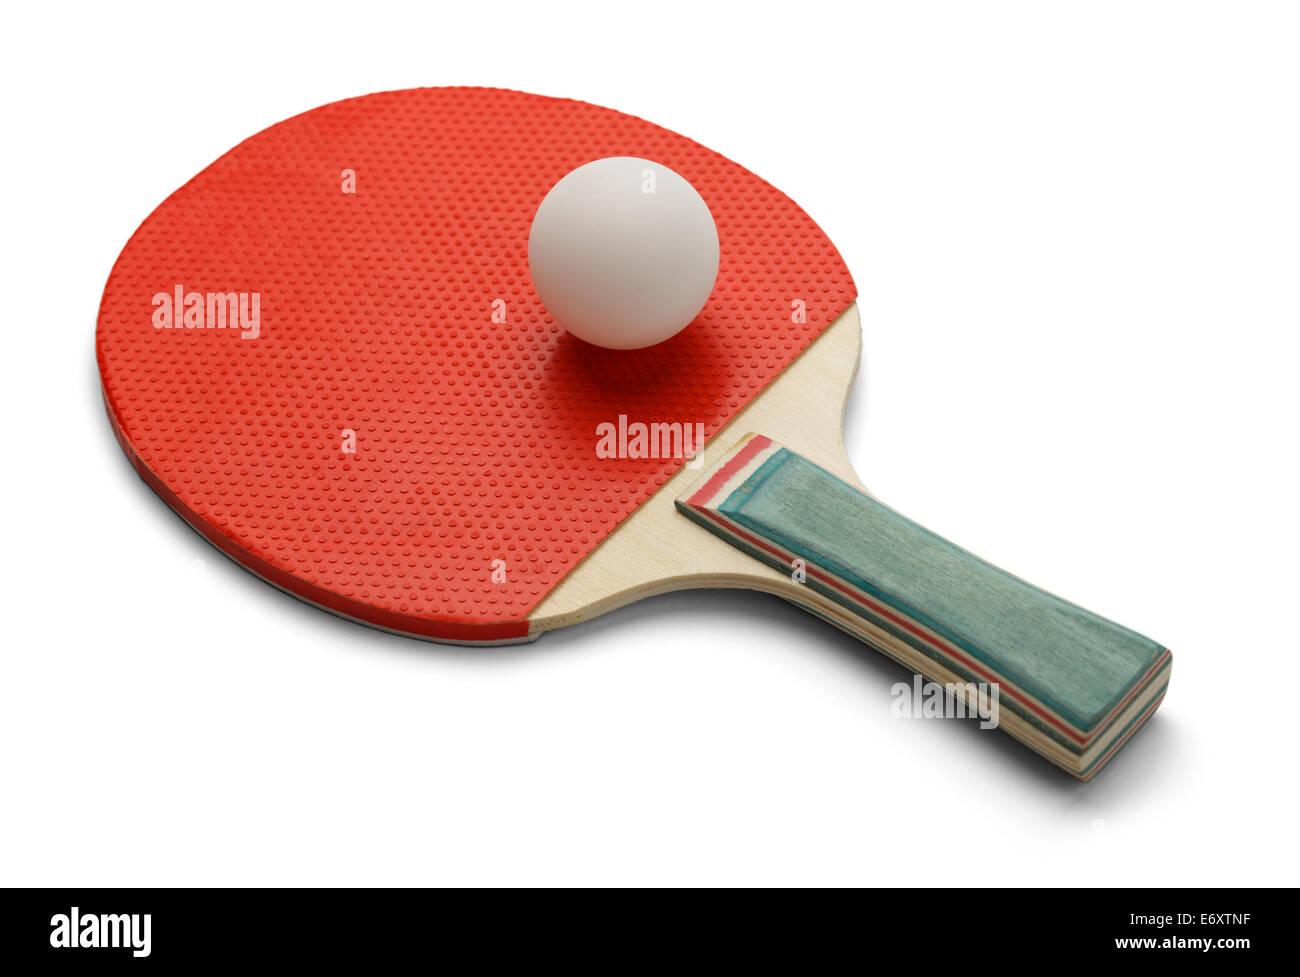 Pala de Tenis de mesa y ping pong Ball aislado sobre fondo blanco. Imagen De Stock